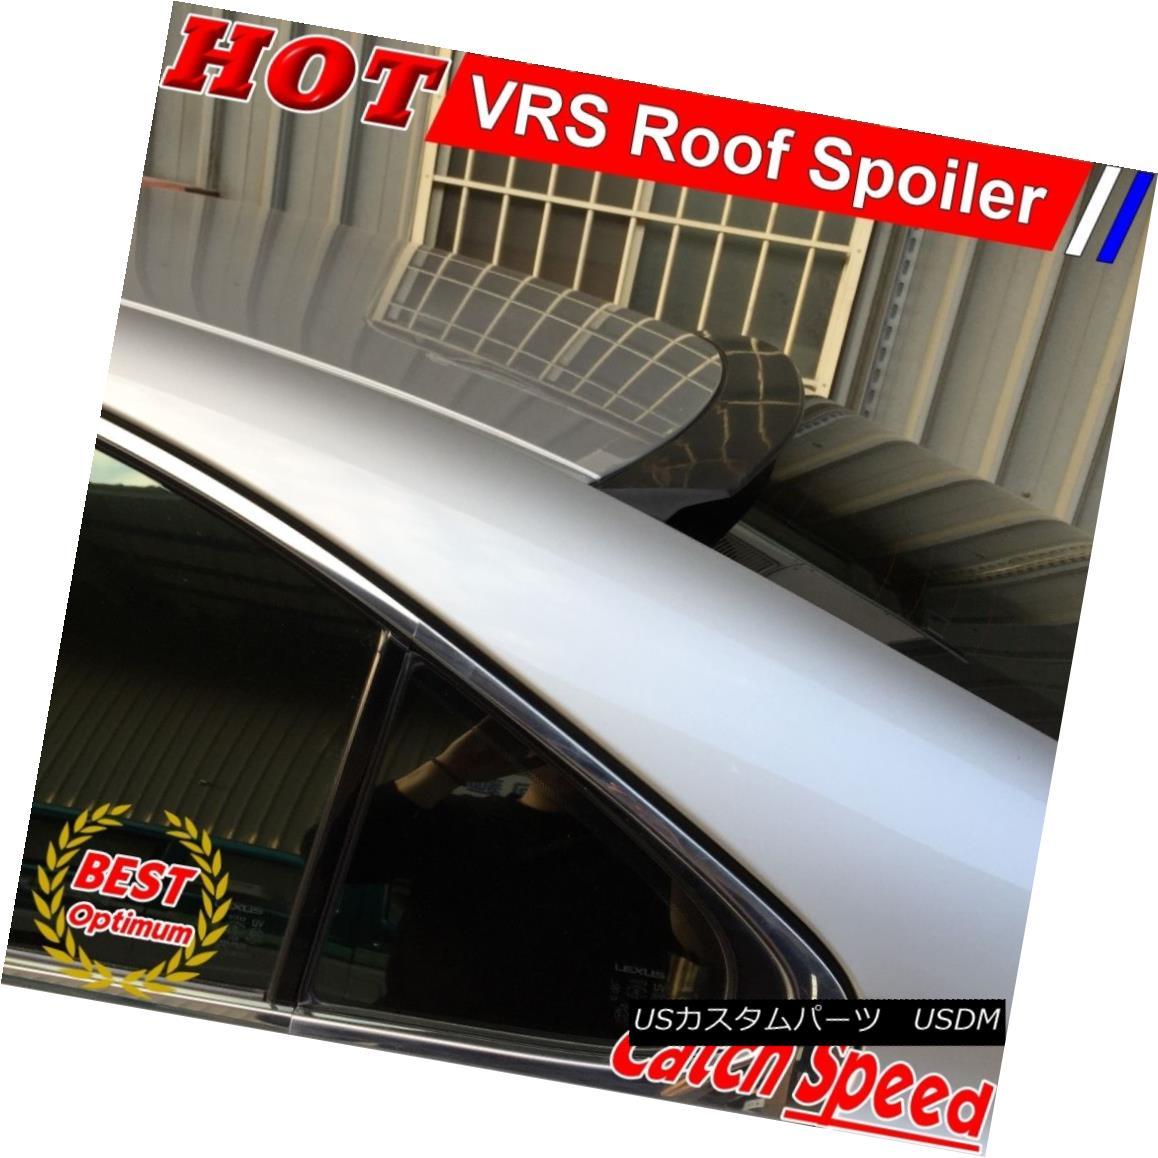 エアロパーツ Flat Black VRS Type Rear Roof Spoiler Window Wing For VOLVO S80 Sedan 2007-2013 VOLVO S80 Sedan 2007-2013用フラットブラックVSタイプリアルーフスポイラーウイング